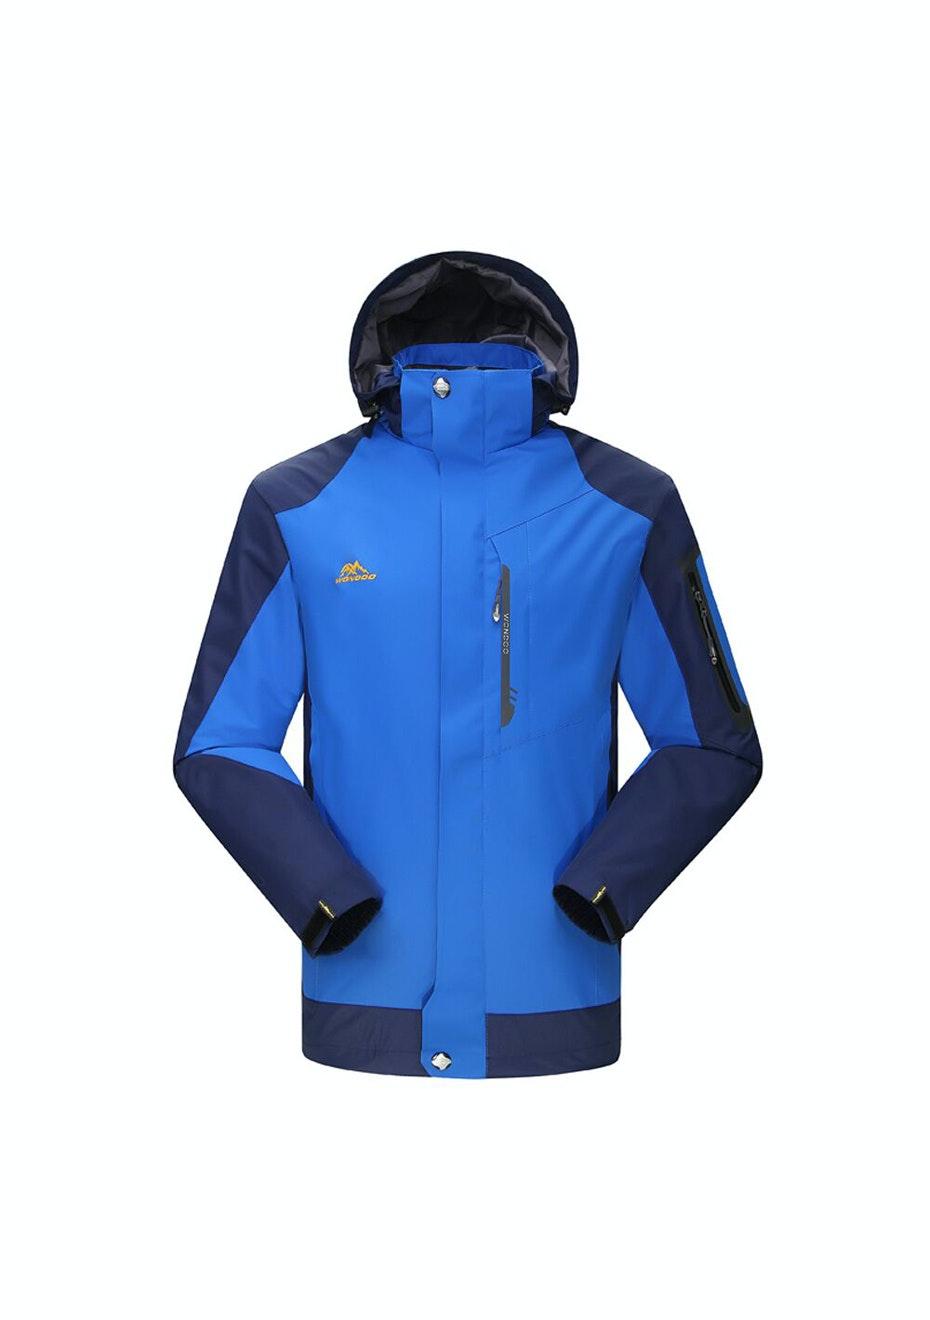 Women 2-in-1 WaterProof Jackets - Bright Blue